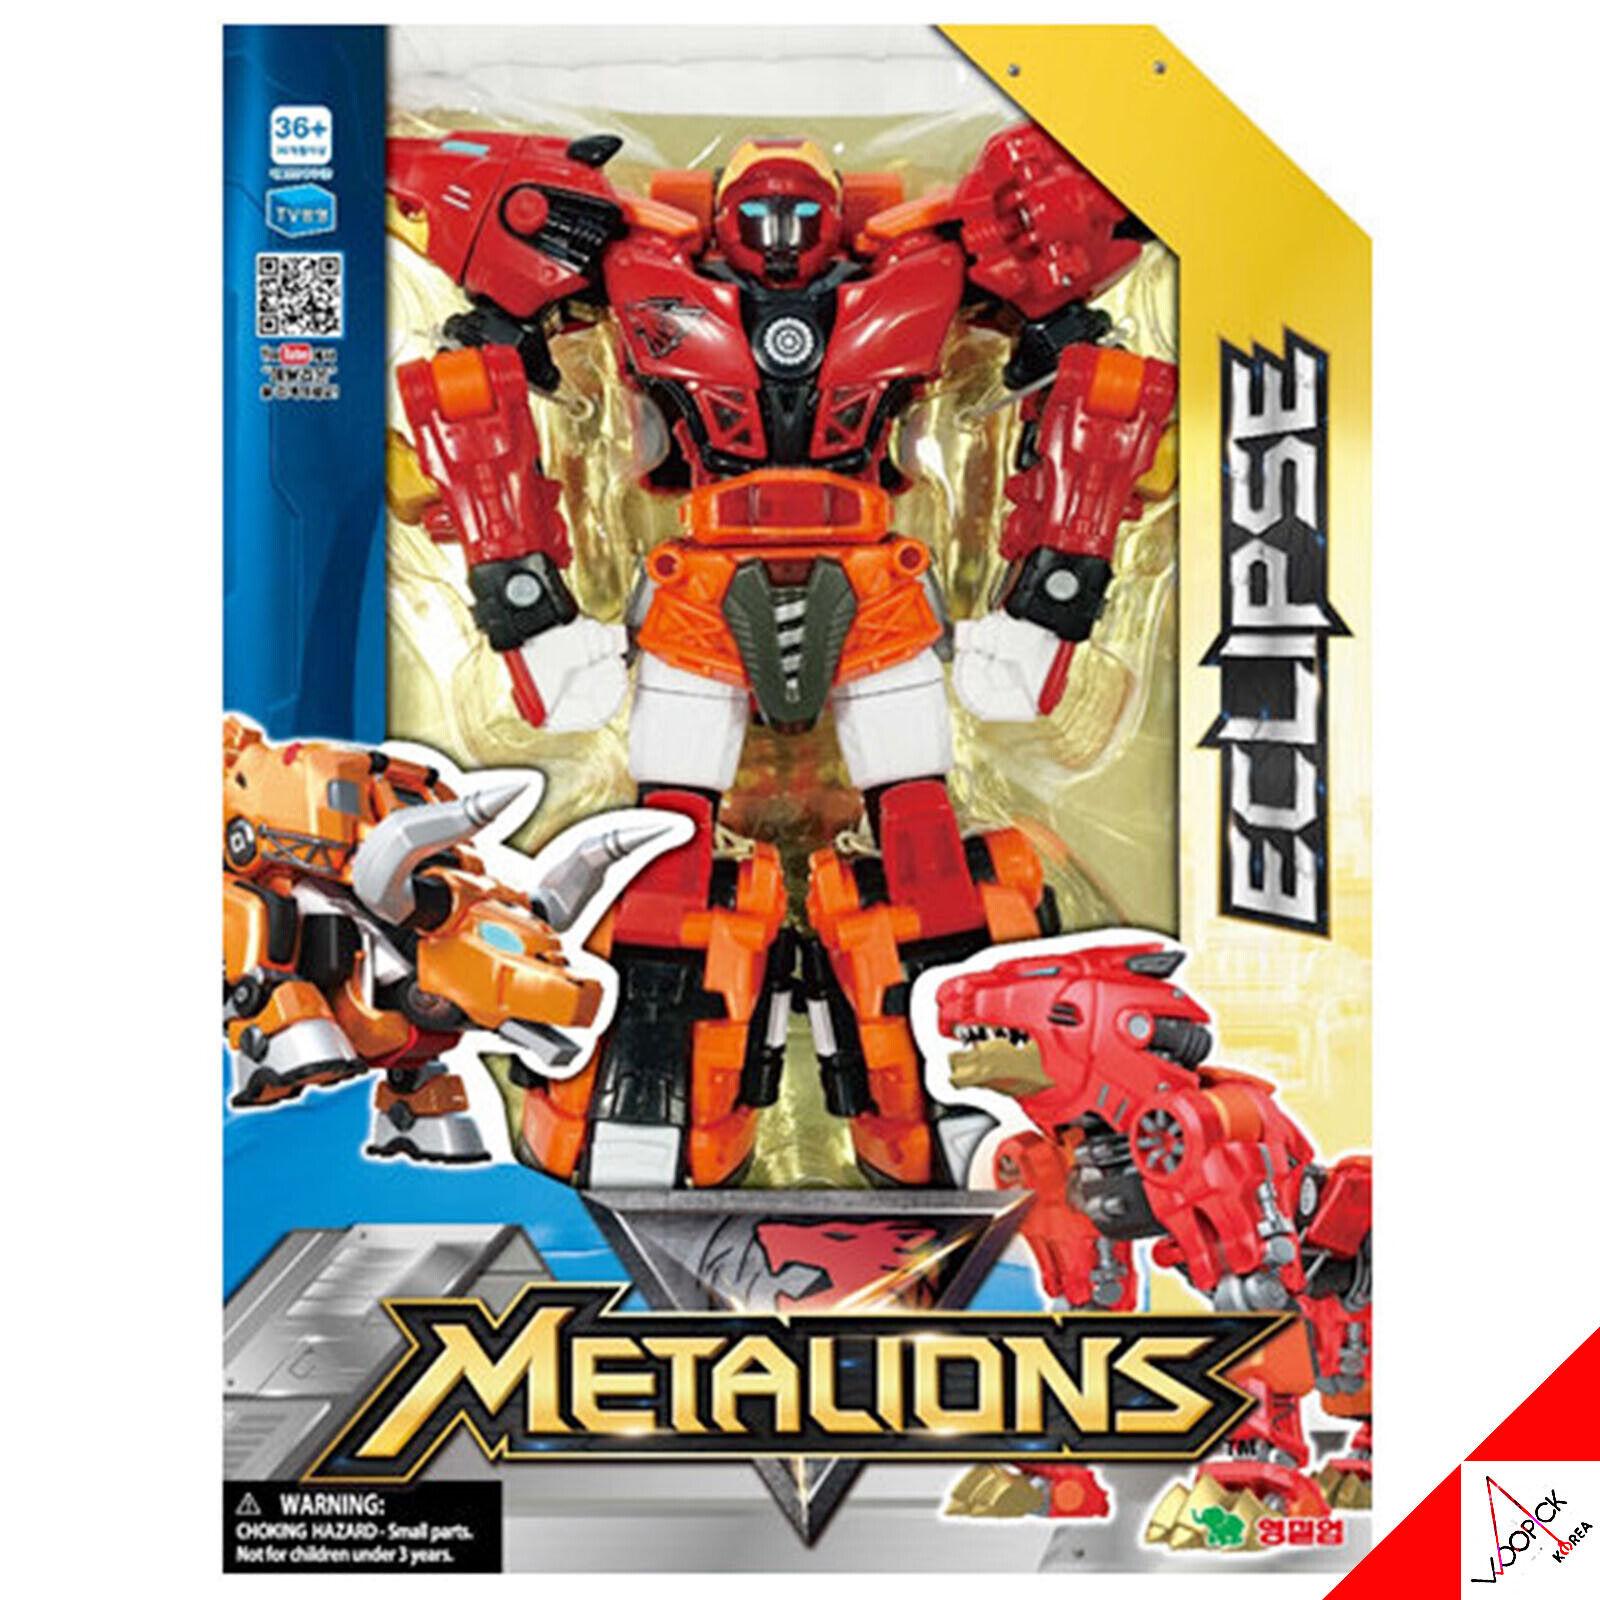 Metalions Eclipse (Leo, Taurus grande taille)  intégration du transformateur Animal Robot Jouet  gros prix discount